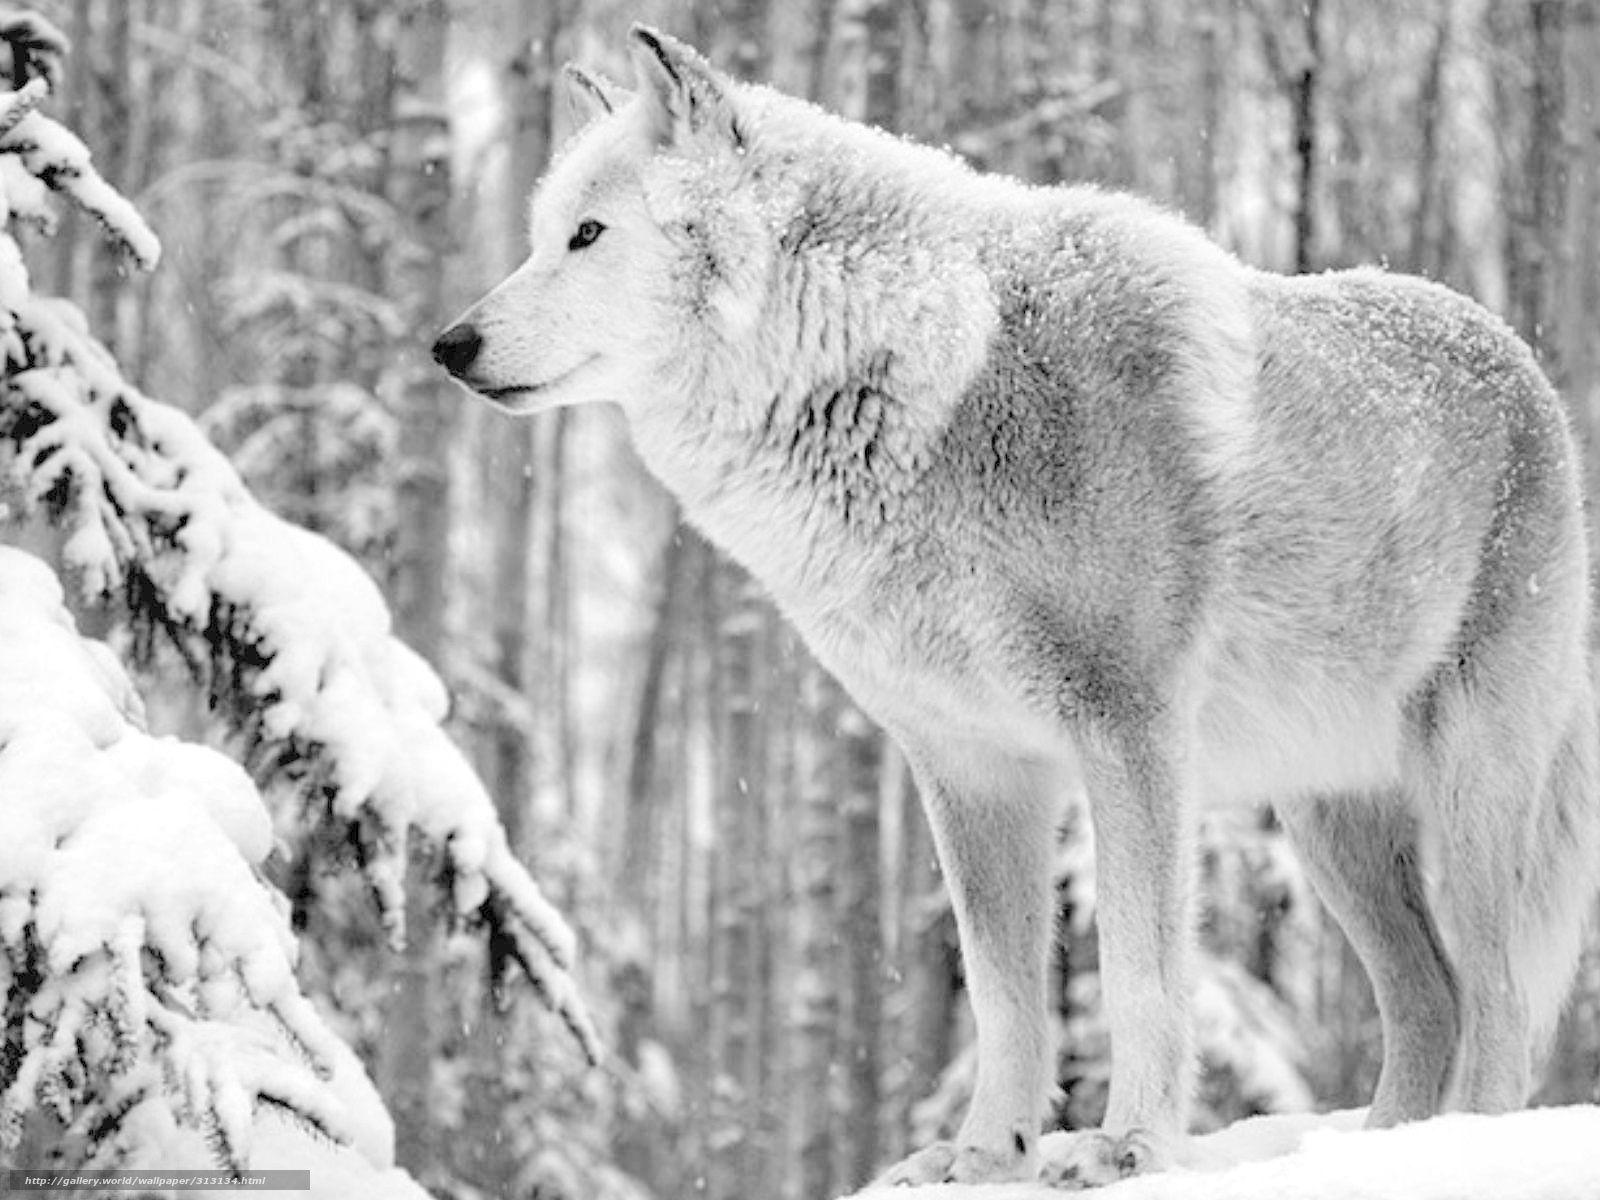 Tlcharger fond d 39 ecran animaux loup hiver neige fonds d - Images d animaux sauvages gratuites ...